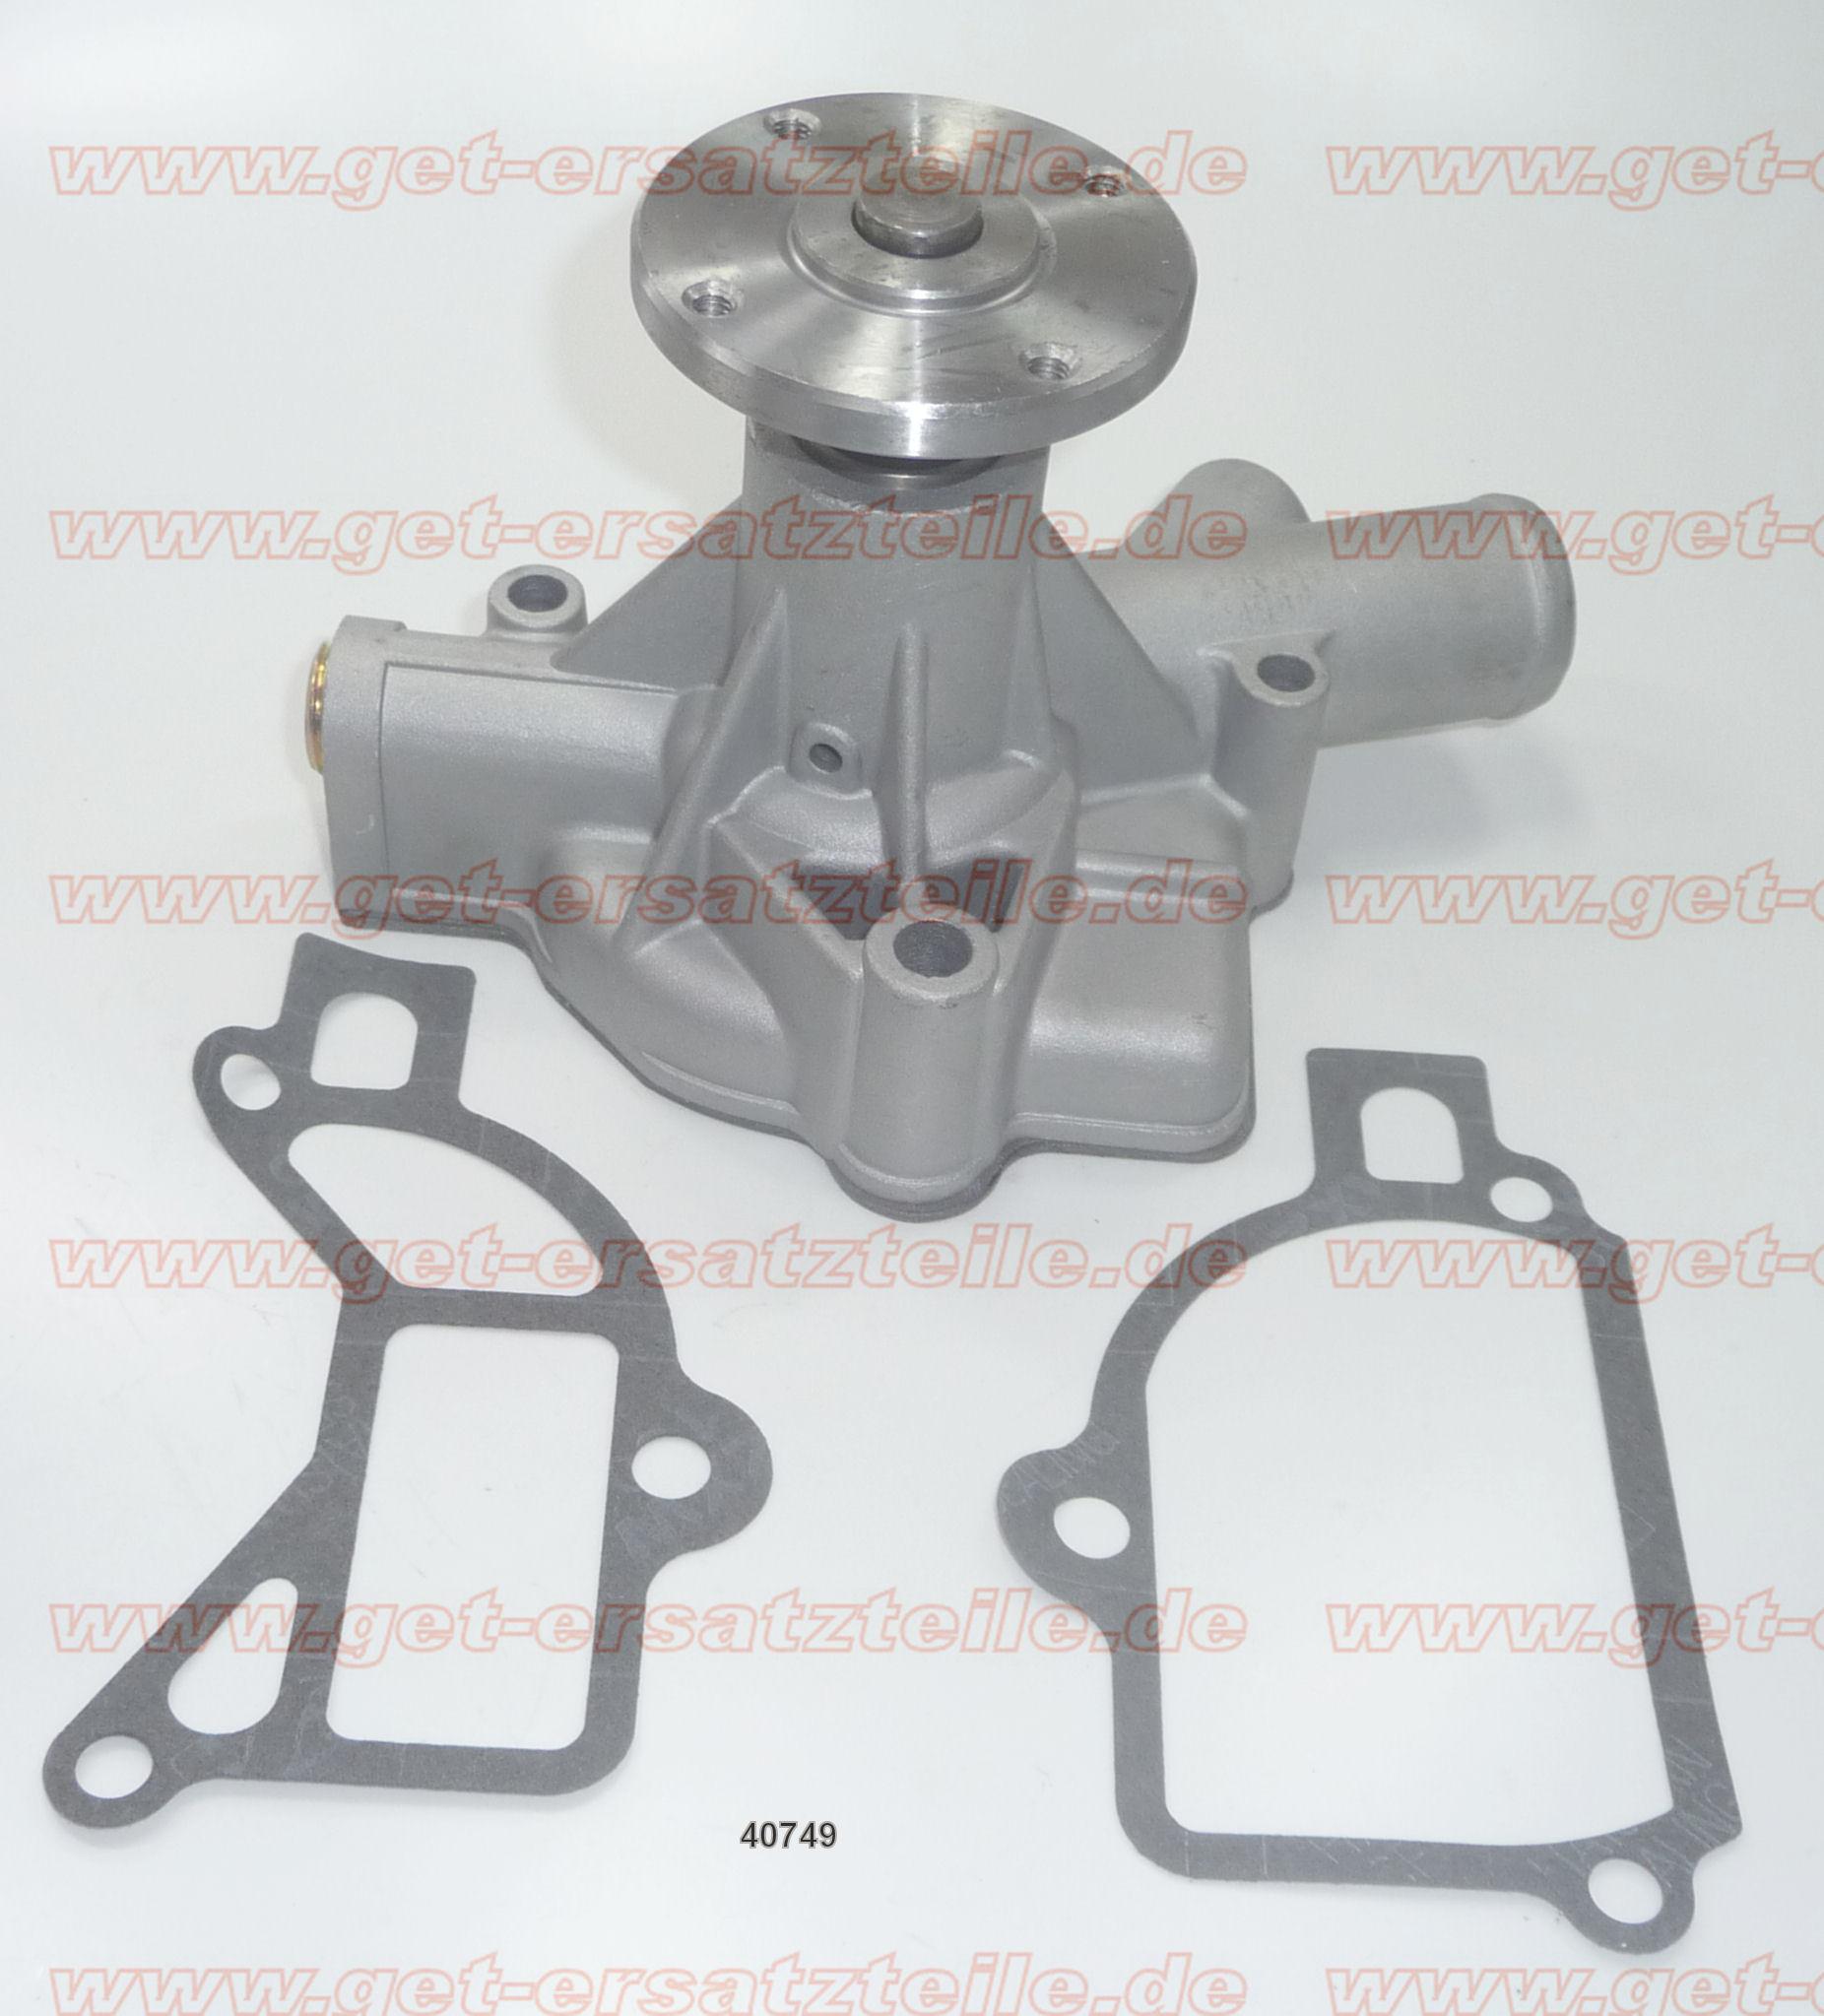 Wasserpumpen Fur Nissan Gabelstapler Amp Motoren Von Get